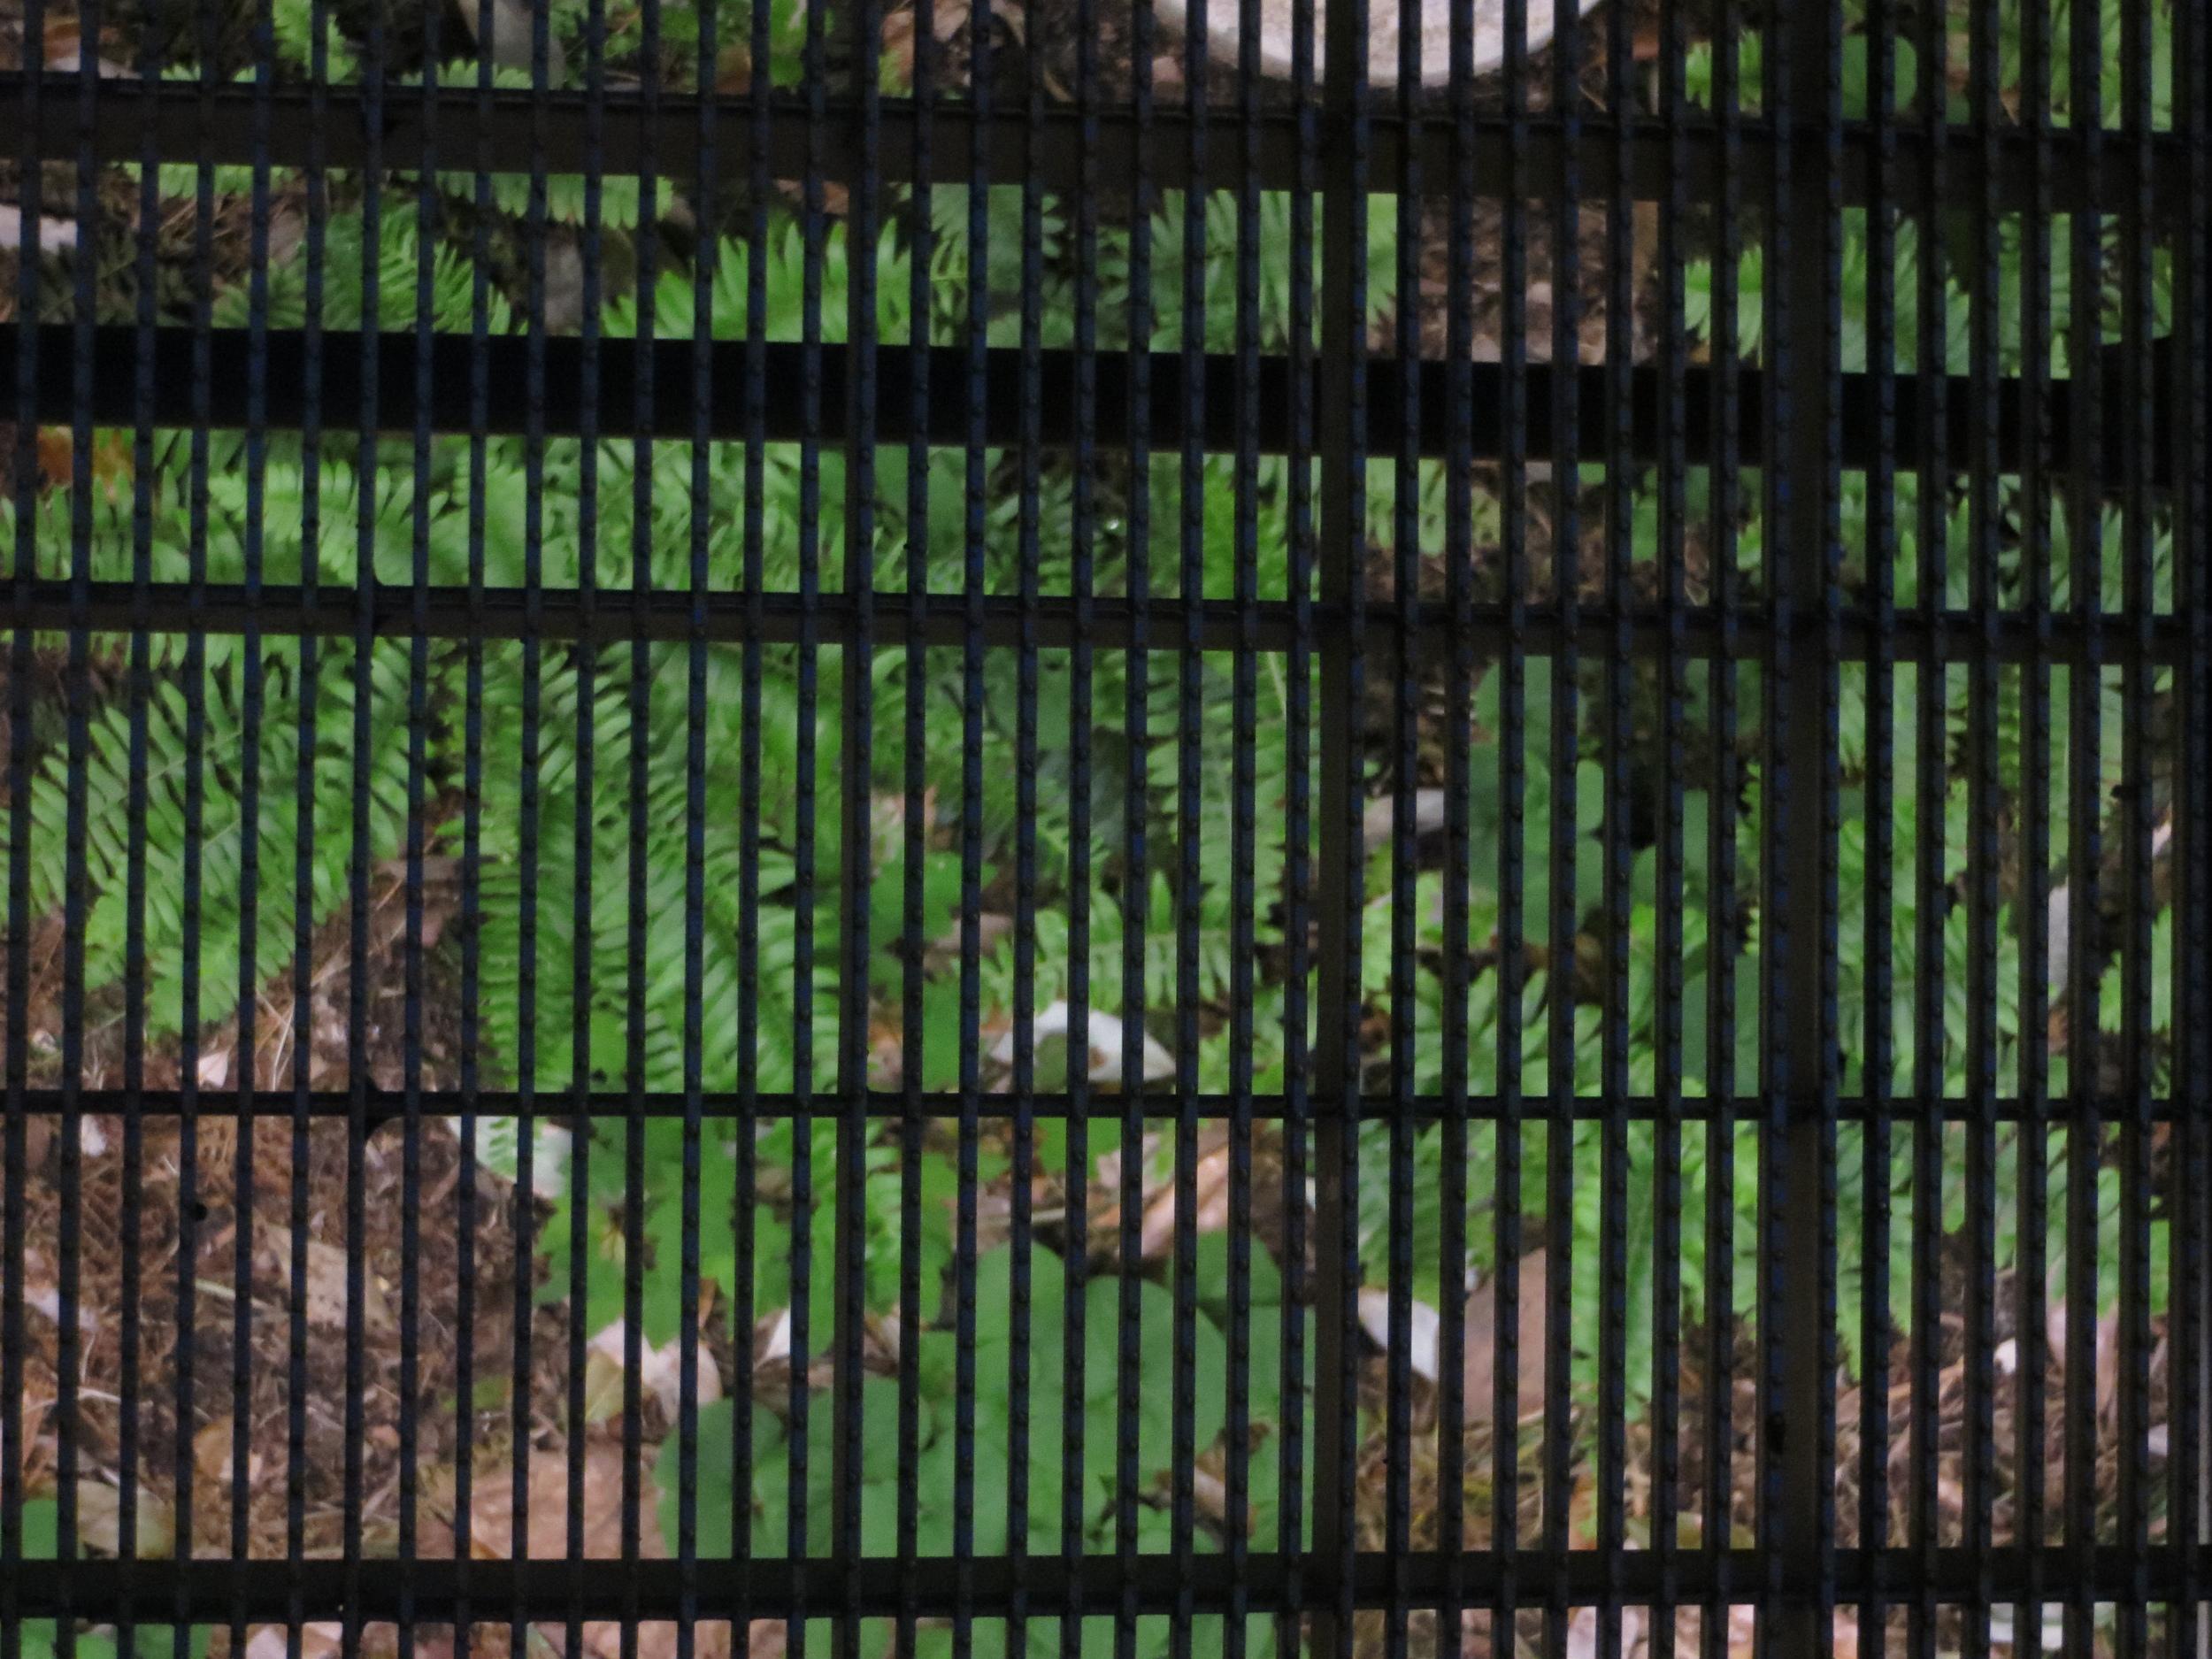 Ferns underfoot